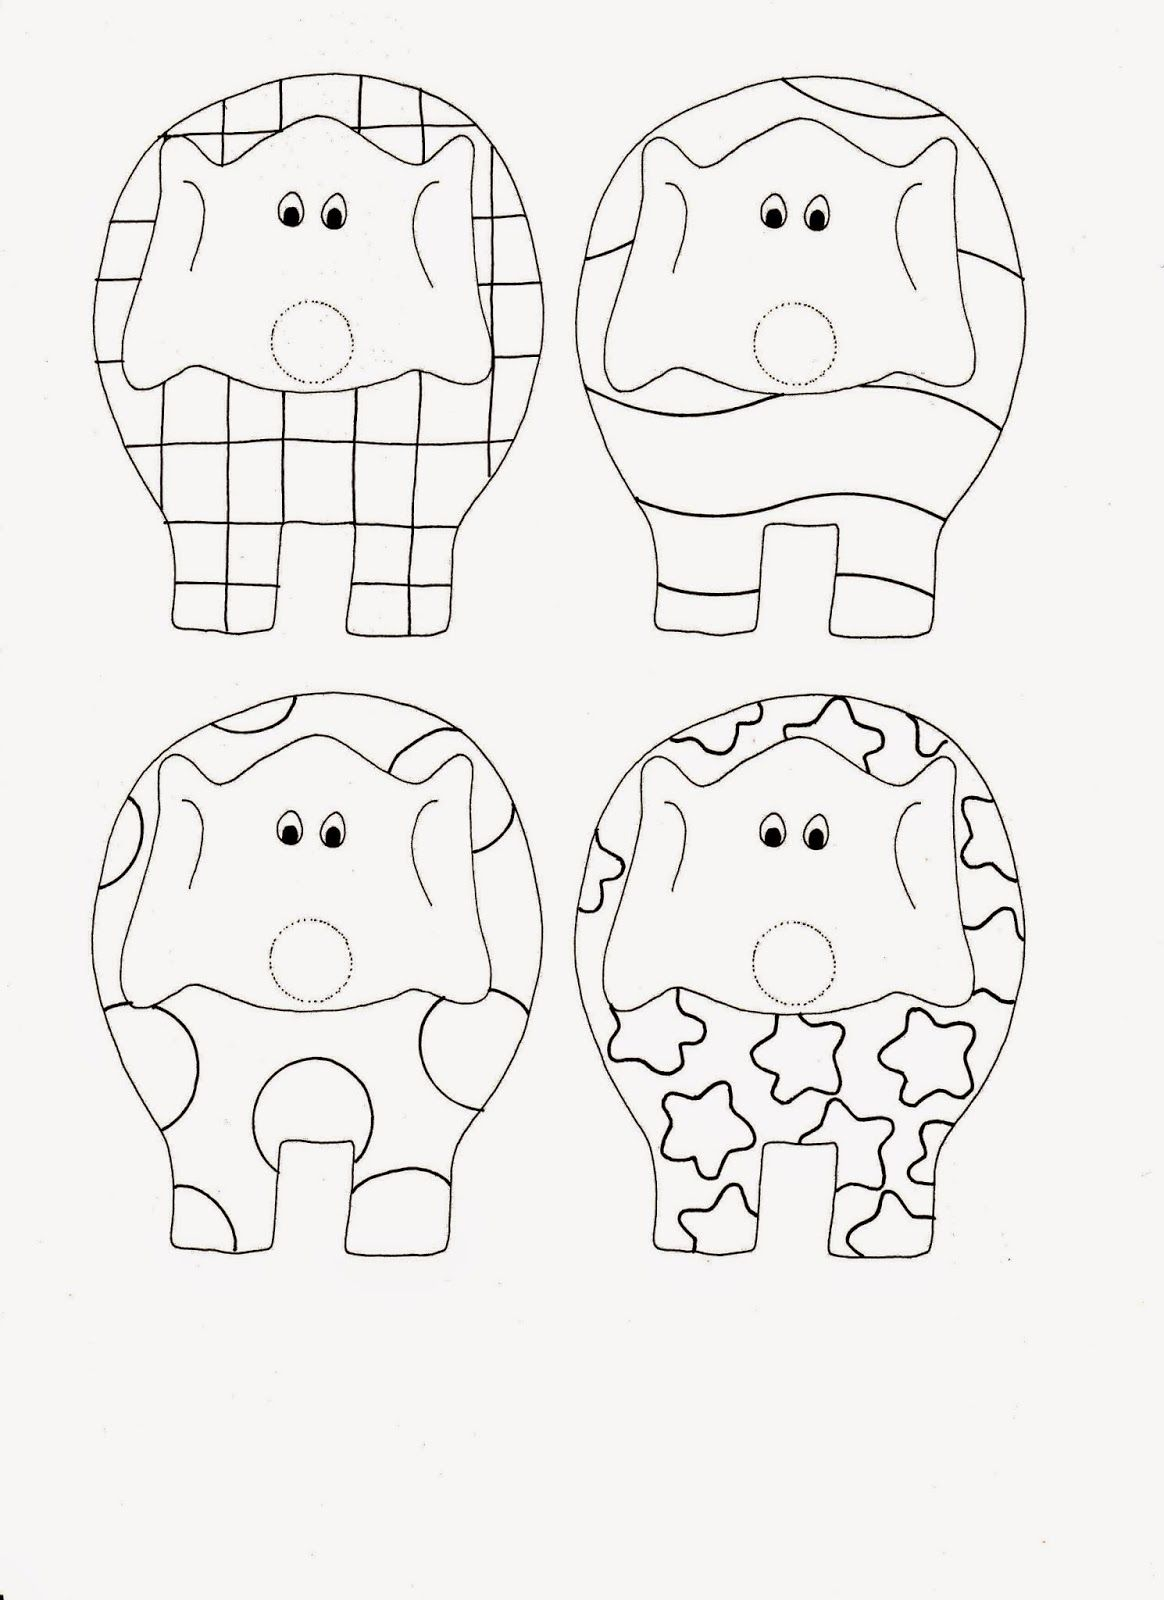 Elmar Elefant Kinder Buch basteln Fingerpuppe Vorlage ausmalen